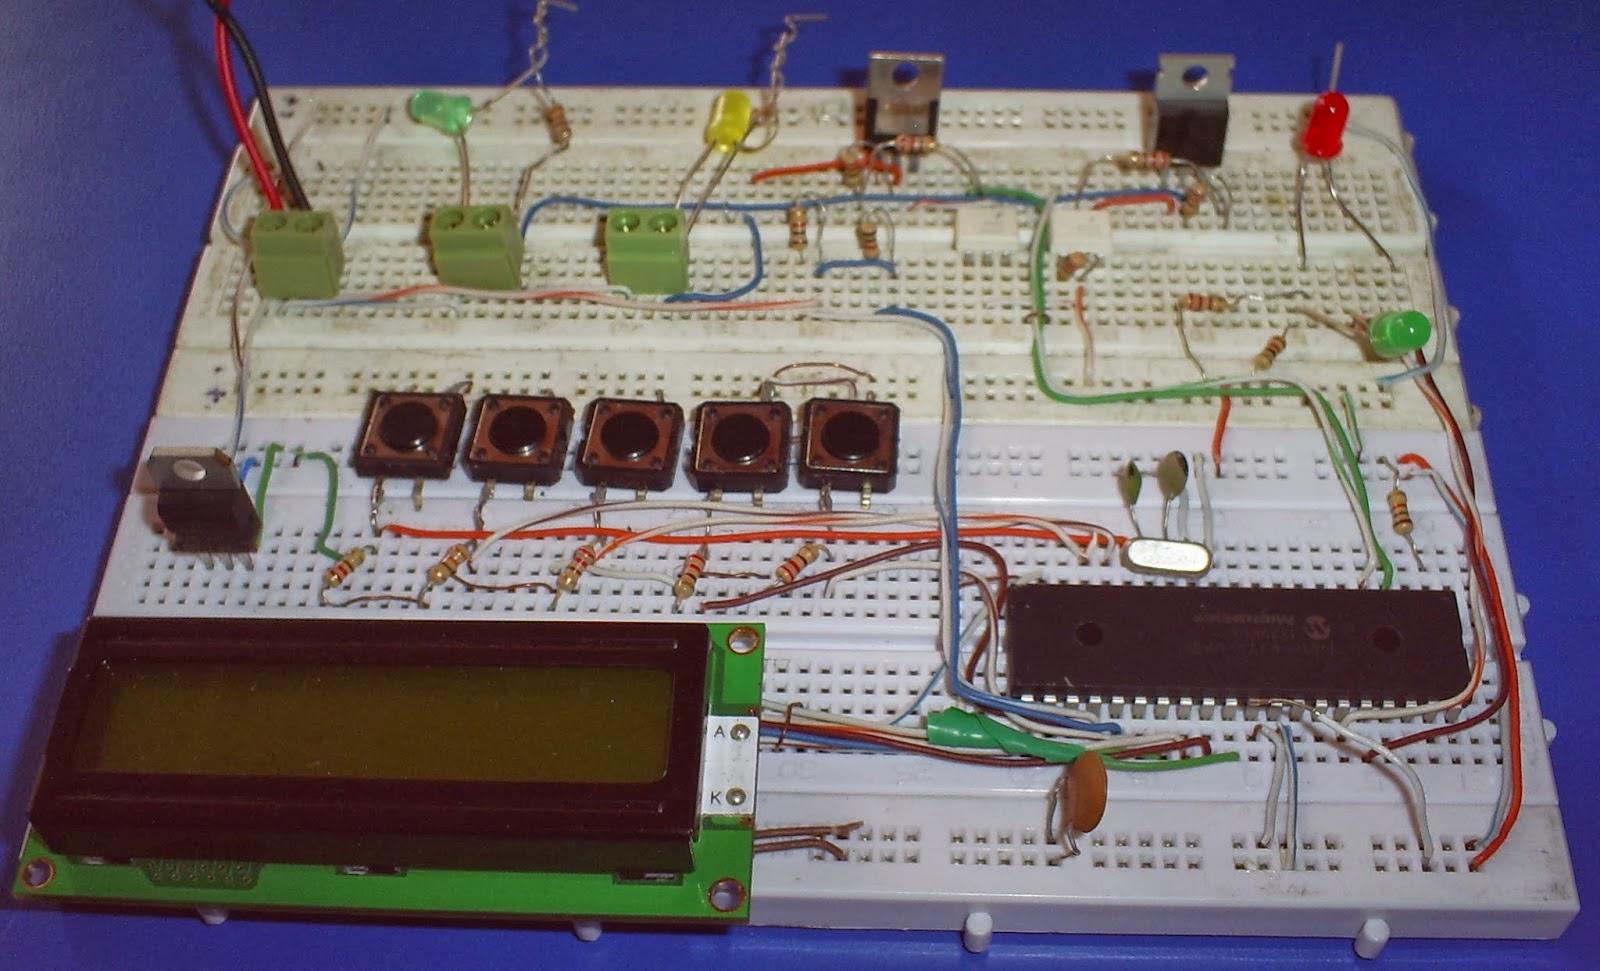 Circuito Y Sus Partes : Saber facil electronica diseÑo de un pcb o circuito impreso para